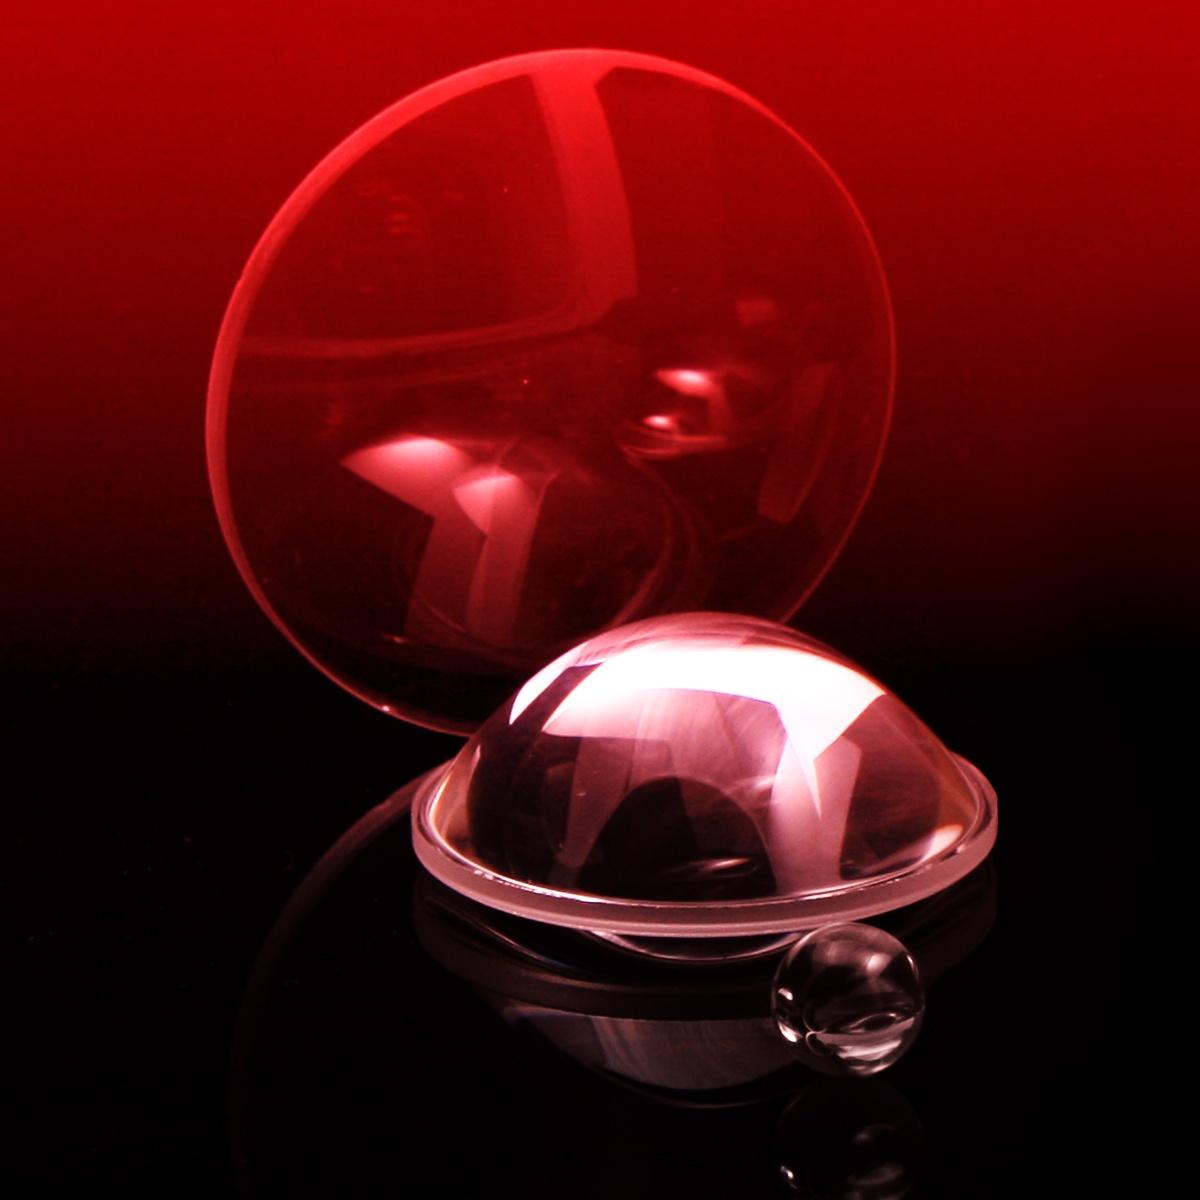 Aspheres_Red